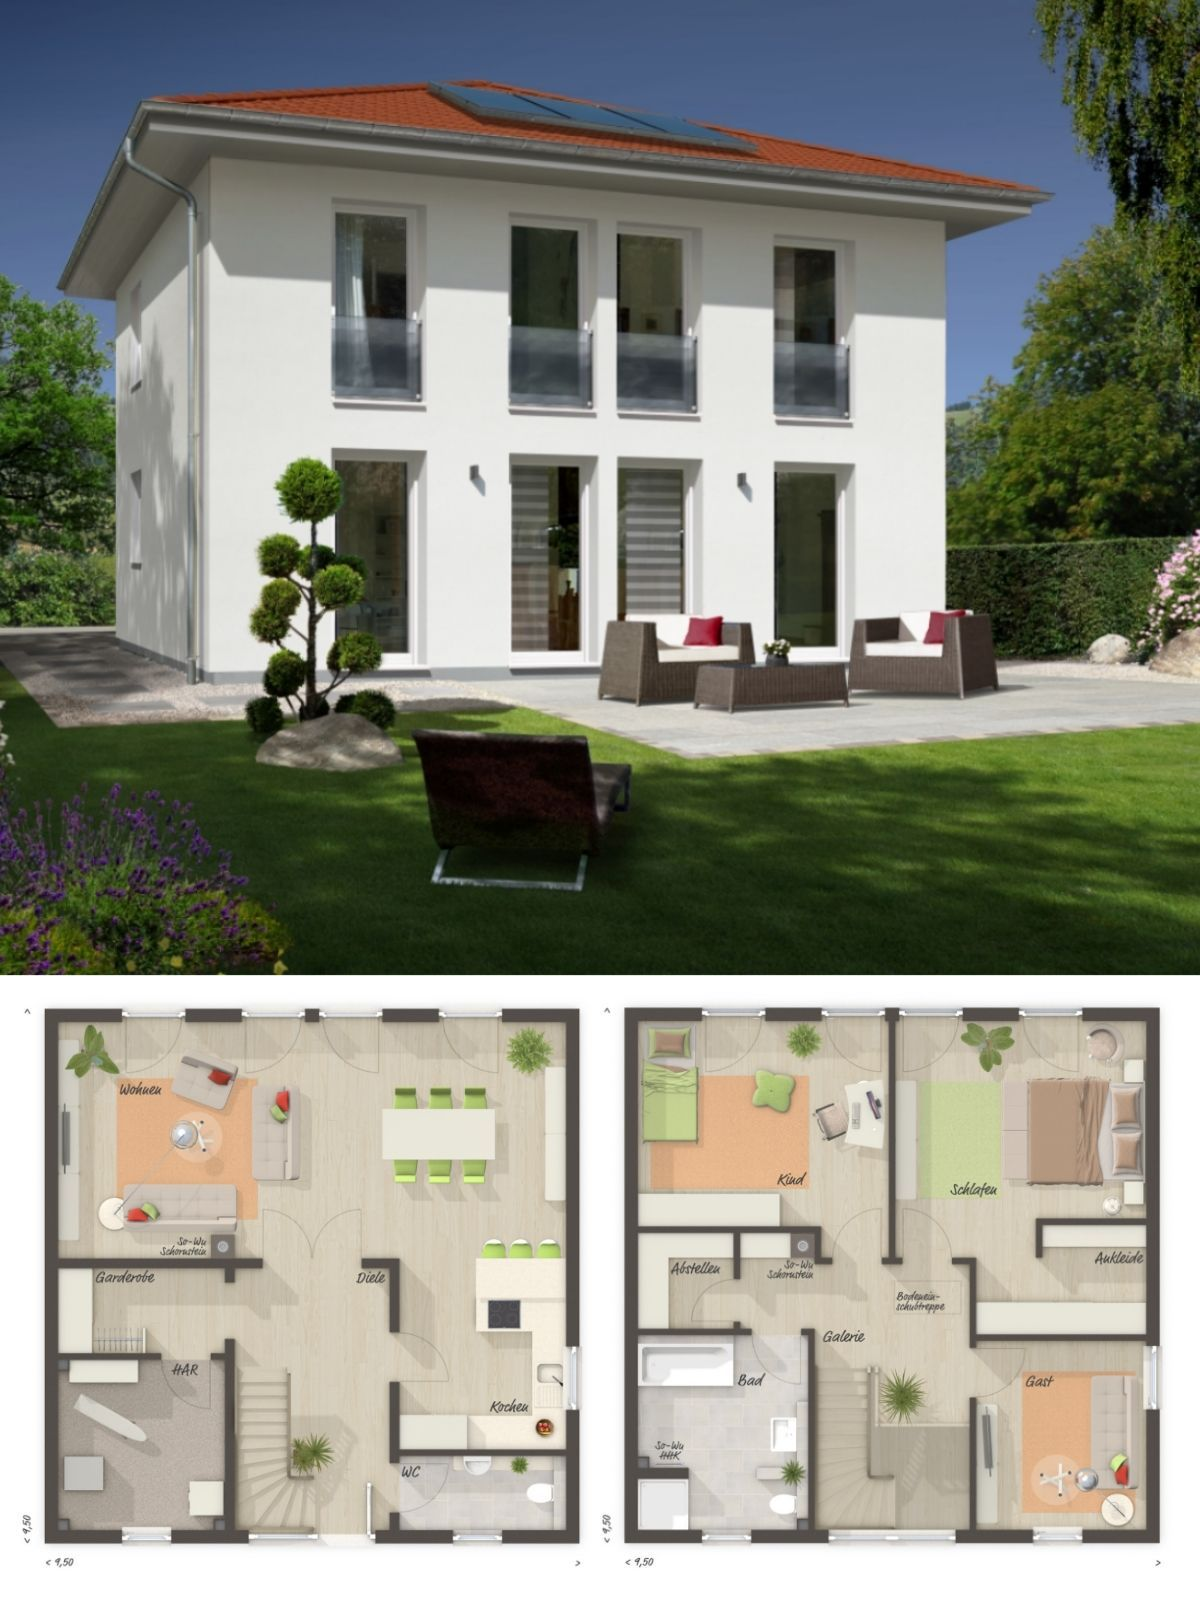 Moderne Stadtvilla mit Zeltdach Architektur & 4 Zimmer